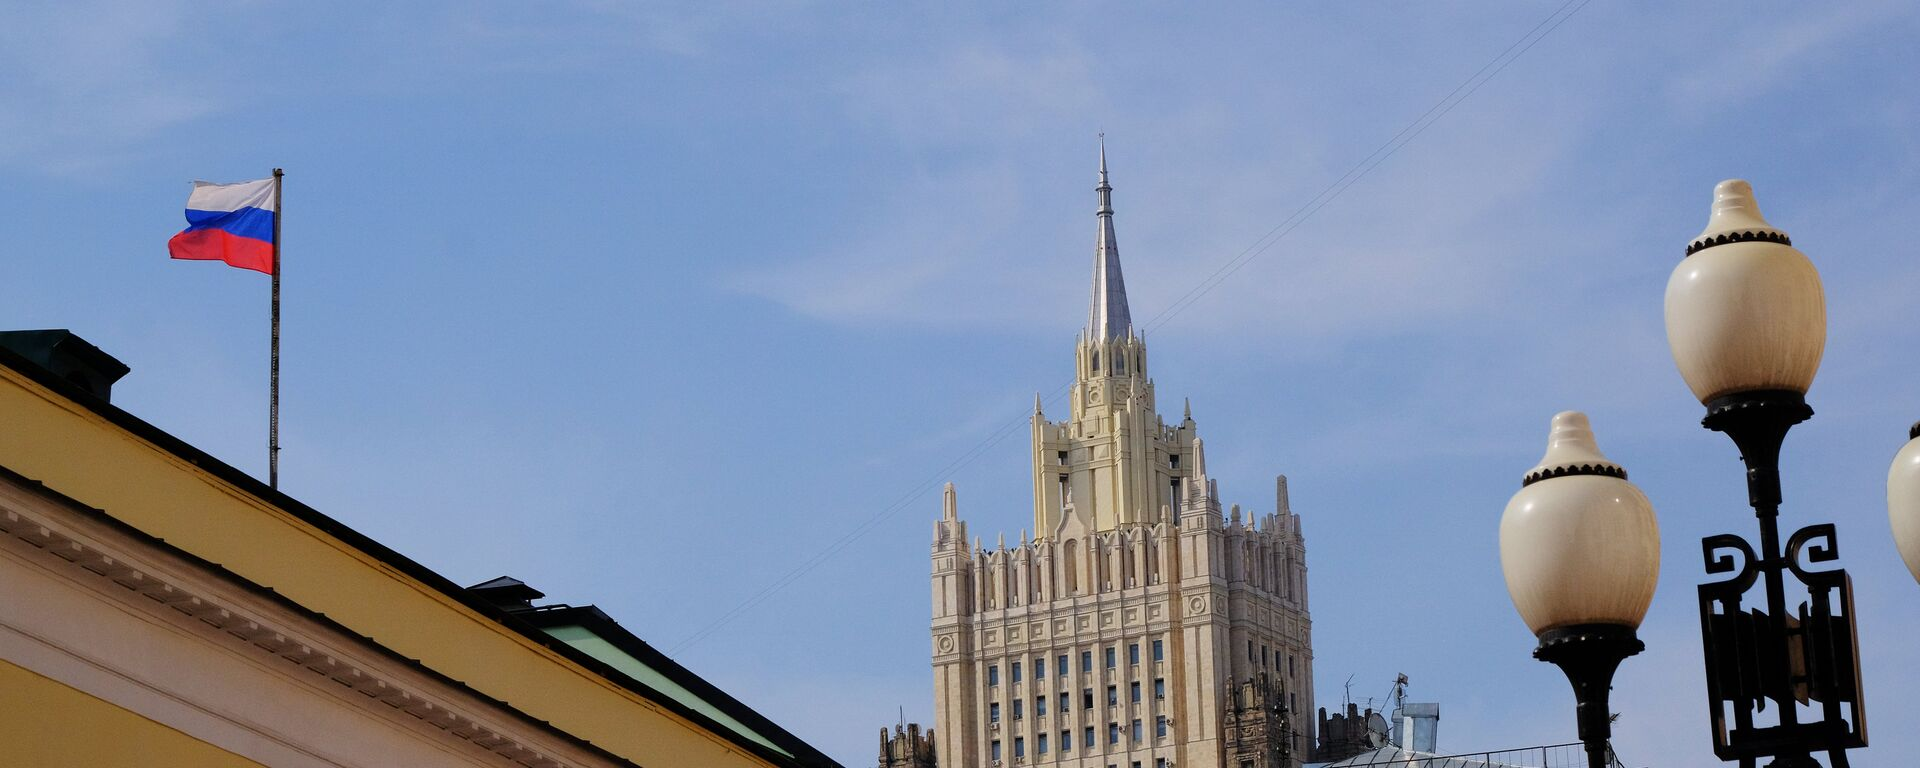 Ministerio de Asuntos Exteriores de Rusia - Sputnik Mundo, 1920, 29.12.2020